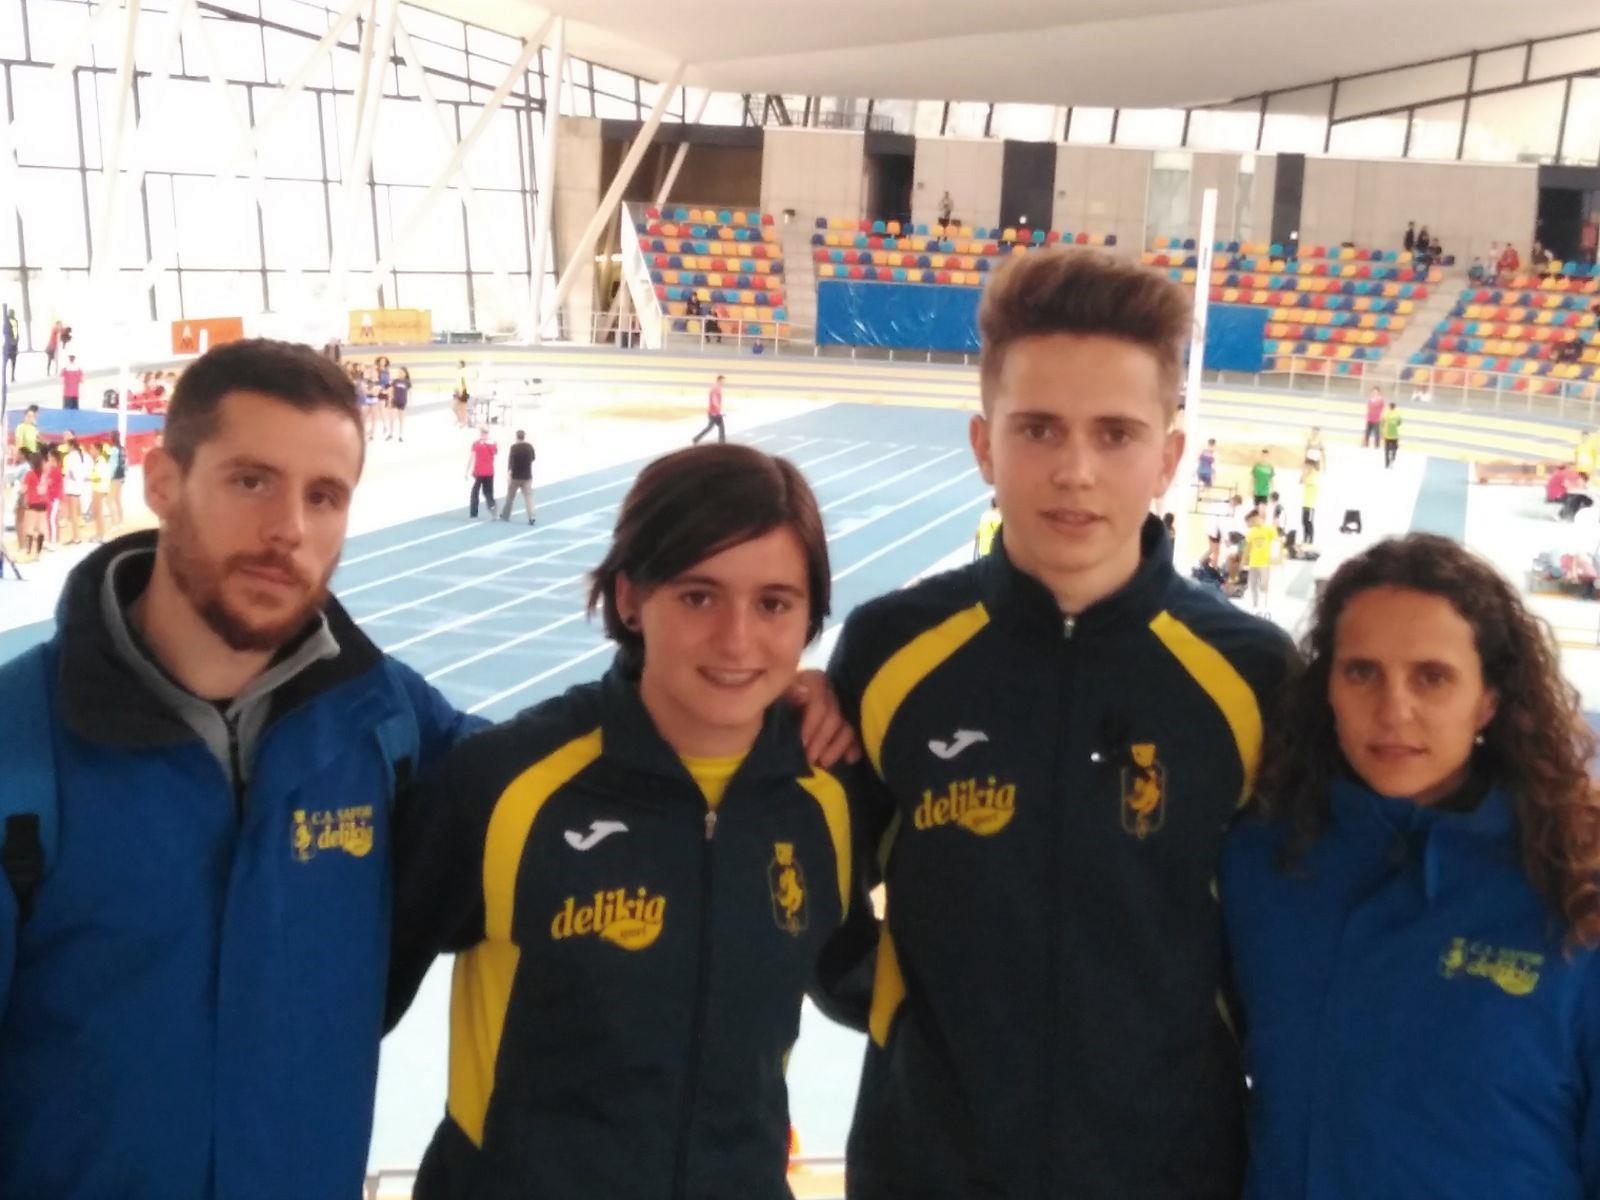 El grup del CA Safor desplaçat a Sabadell: els entrenadors Iván Martínez i Bea Bosch, en els extrems, i els atletes Borja Ortega i Claudia Martínez.